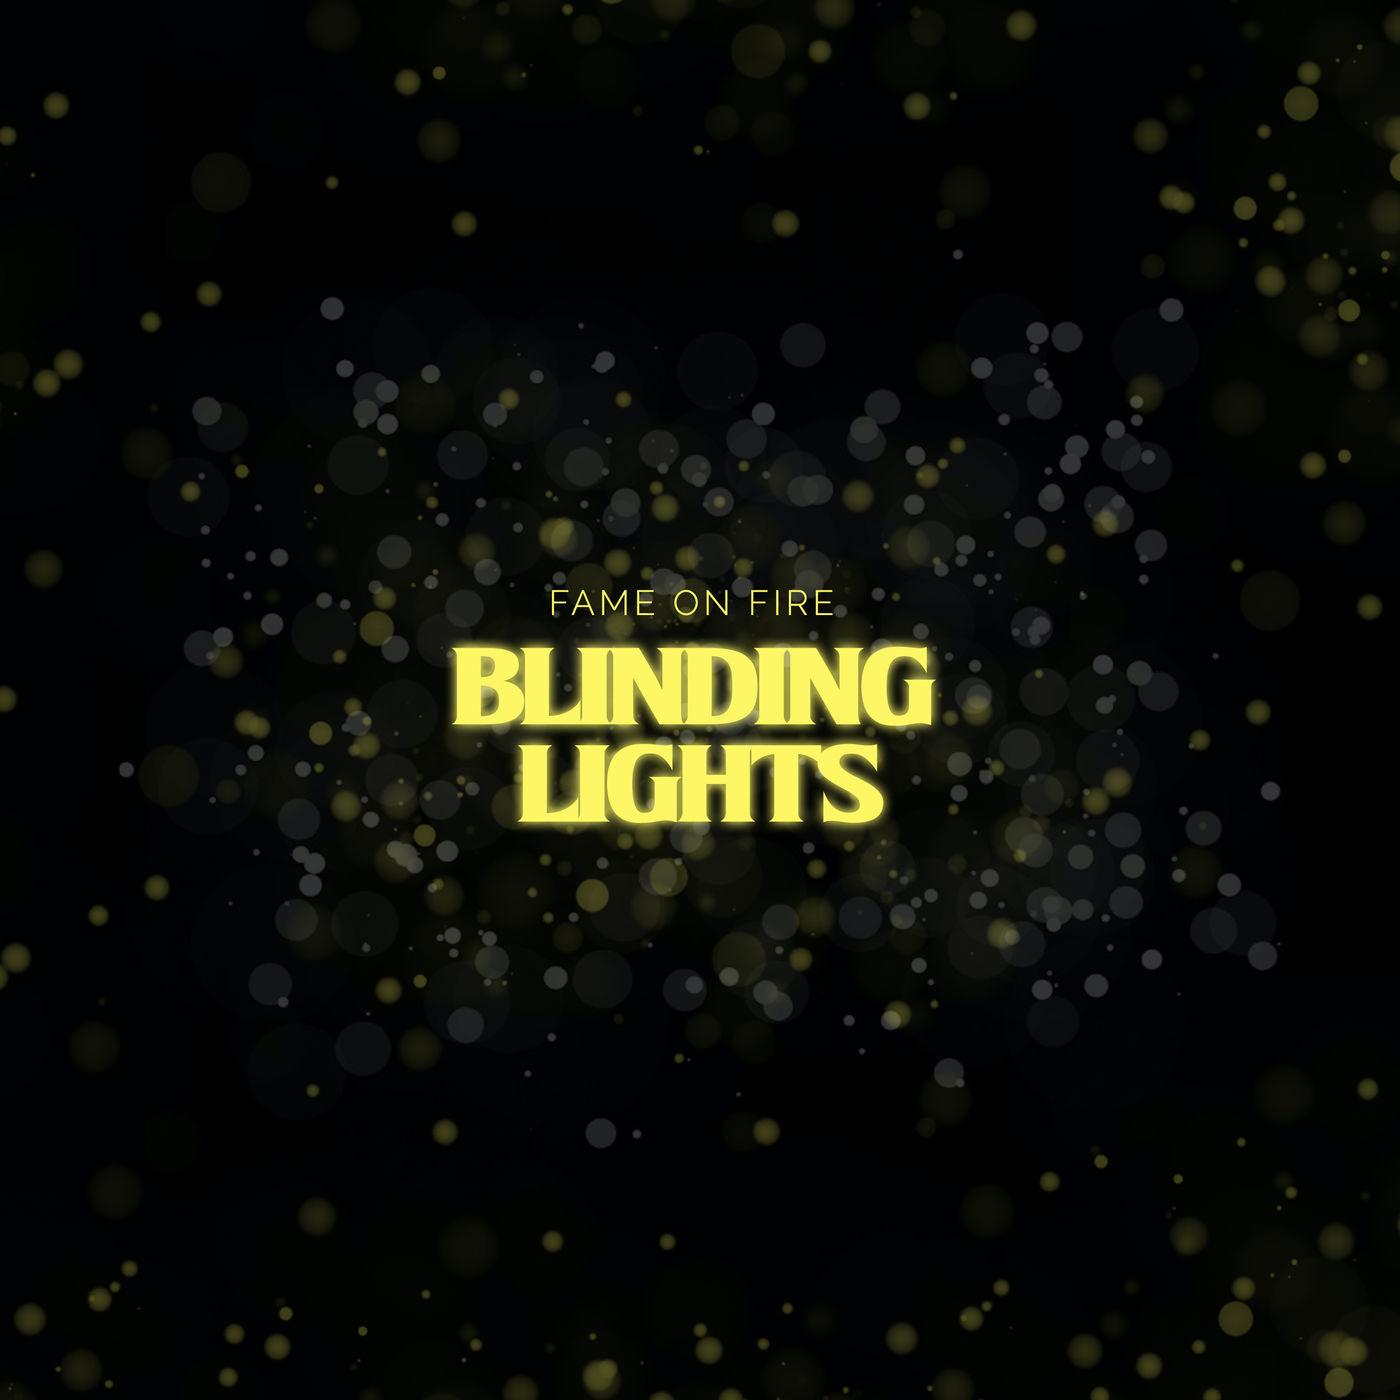 Fame on Fire - Blinding Lights [single] (2020)